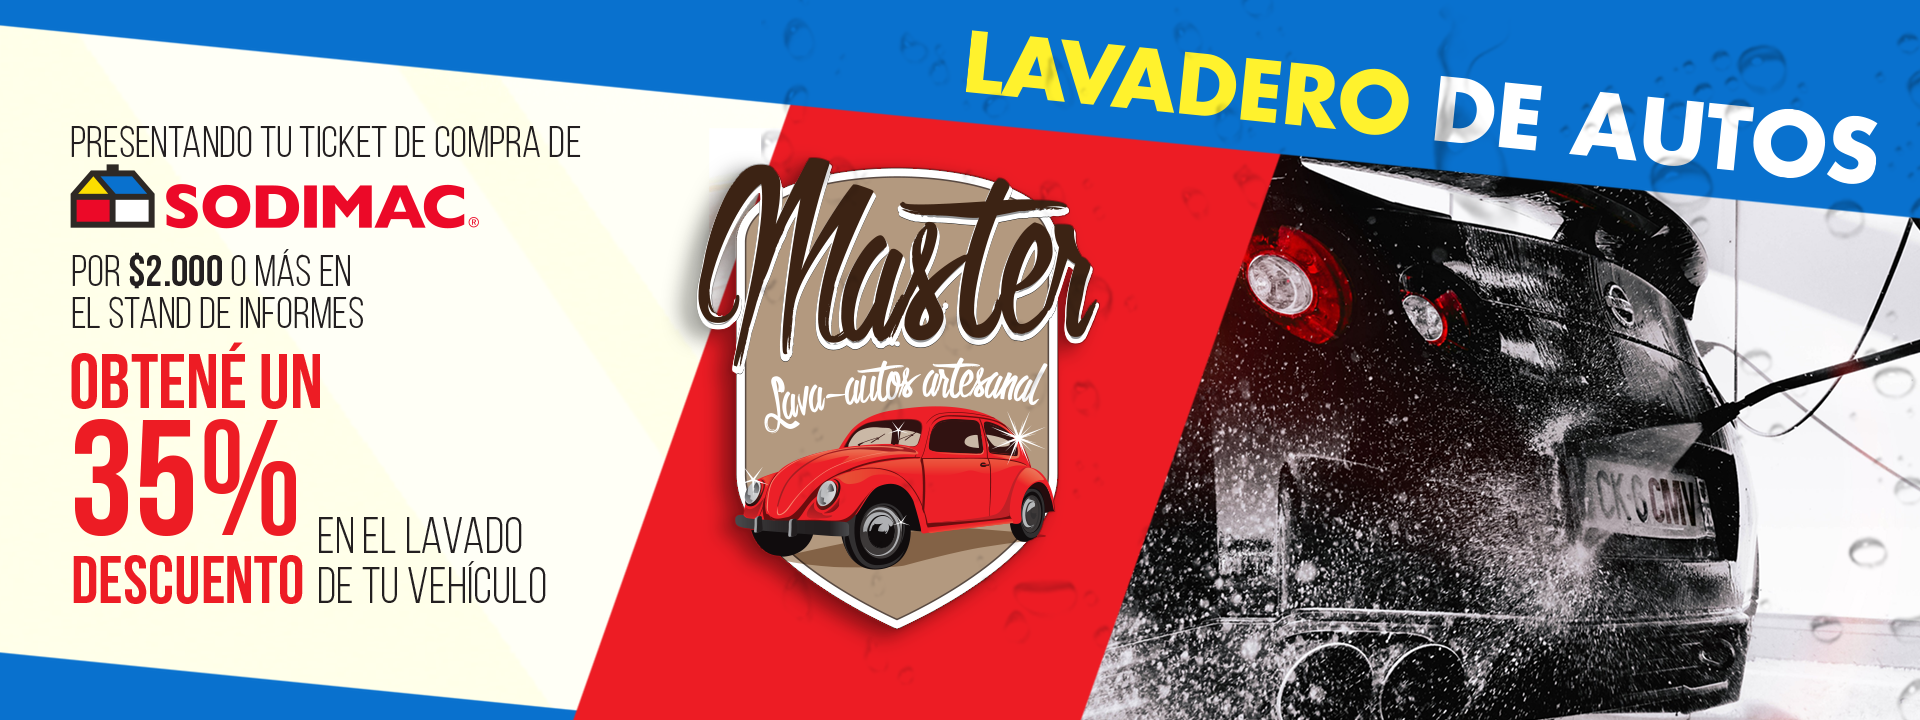 Promoción Master Lavadero y Sodimac